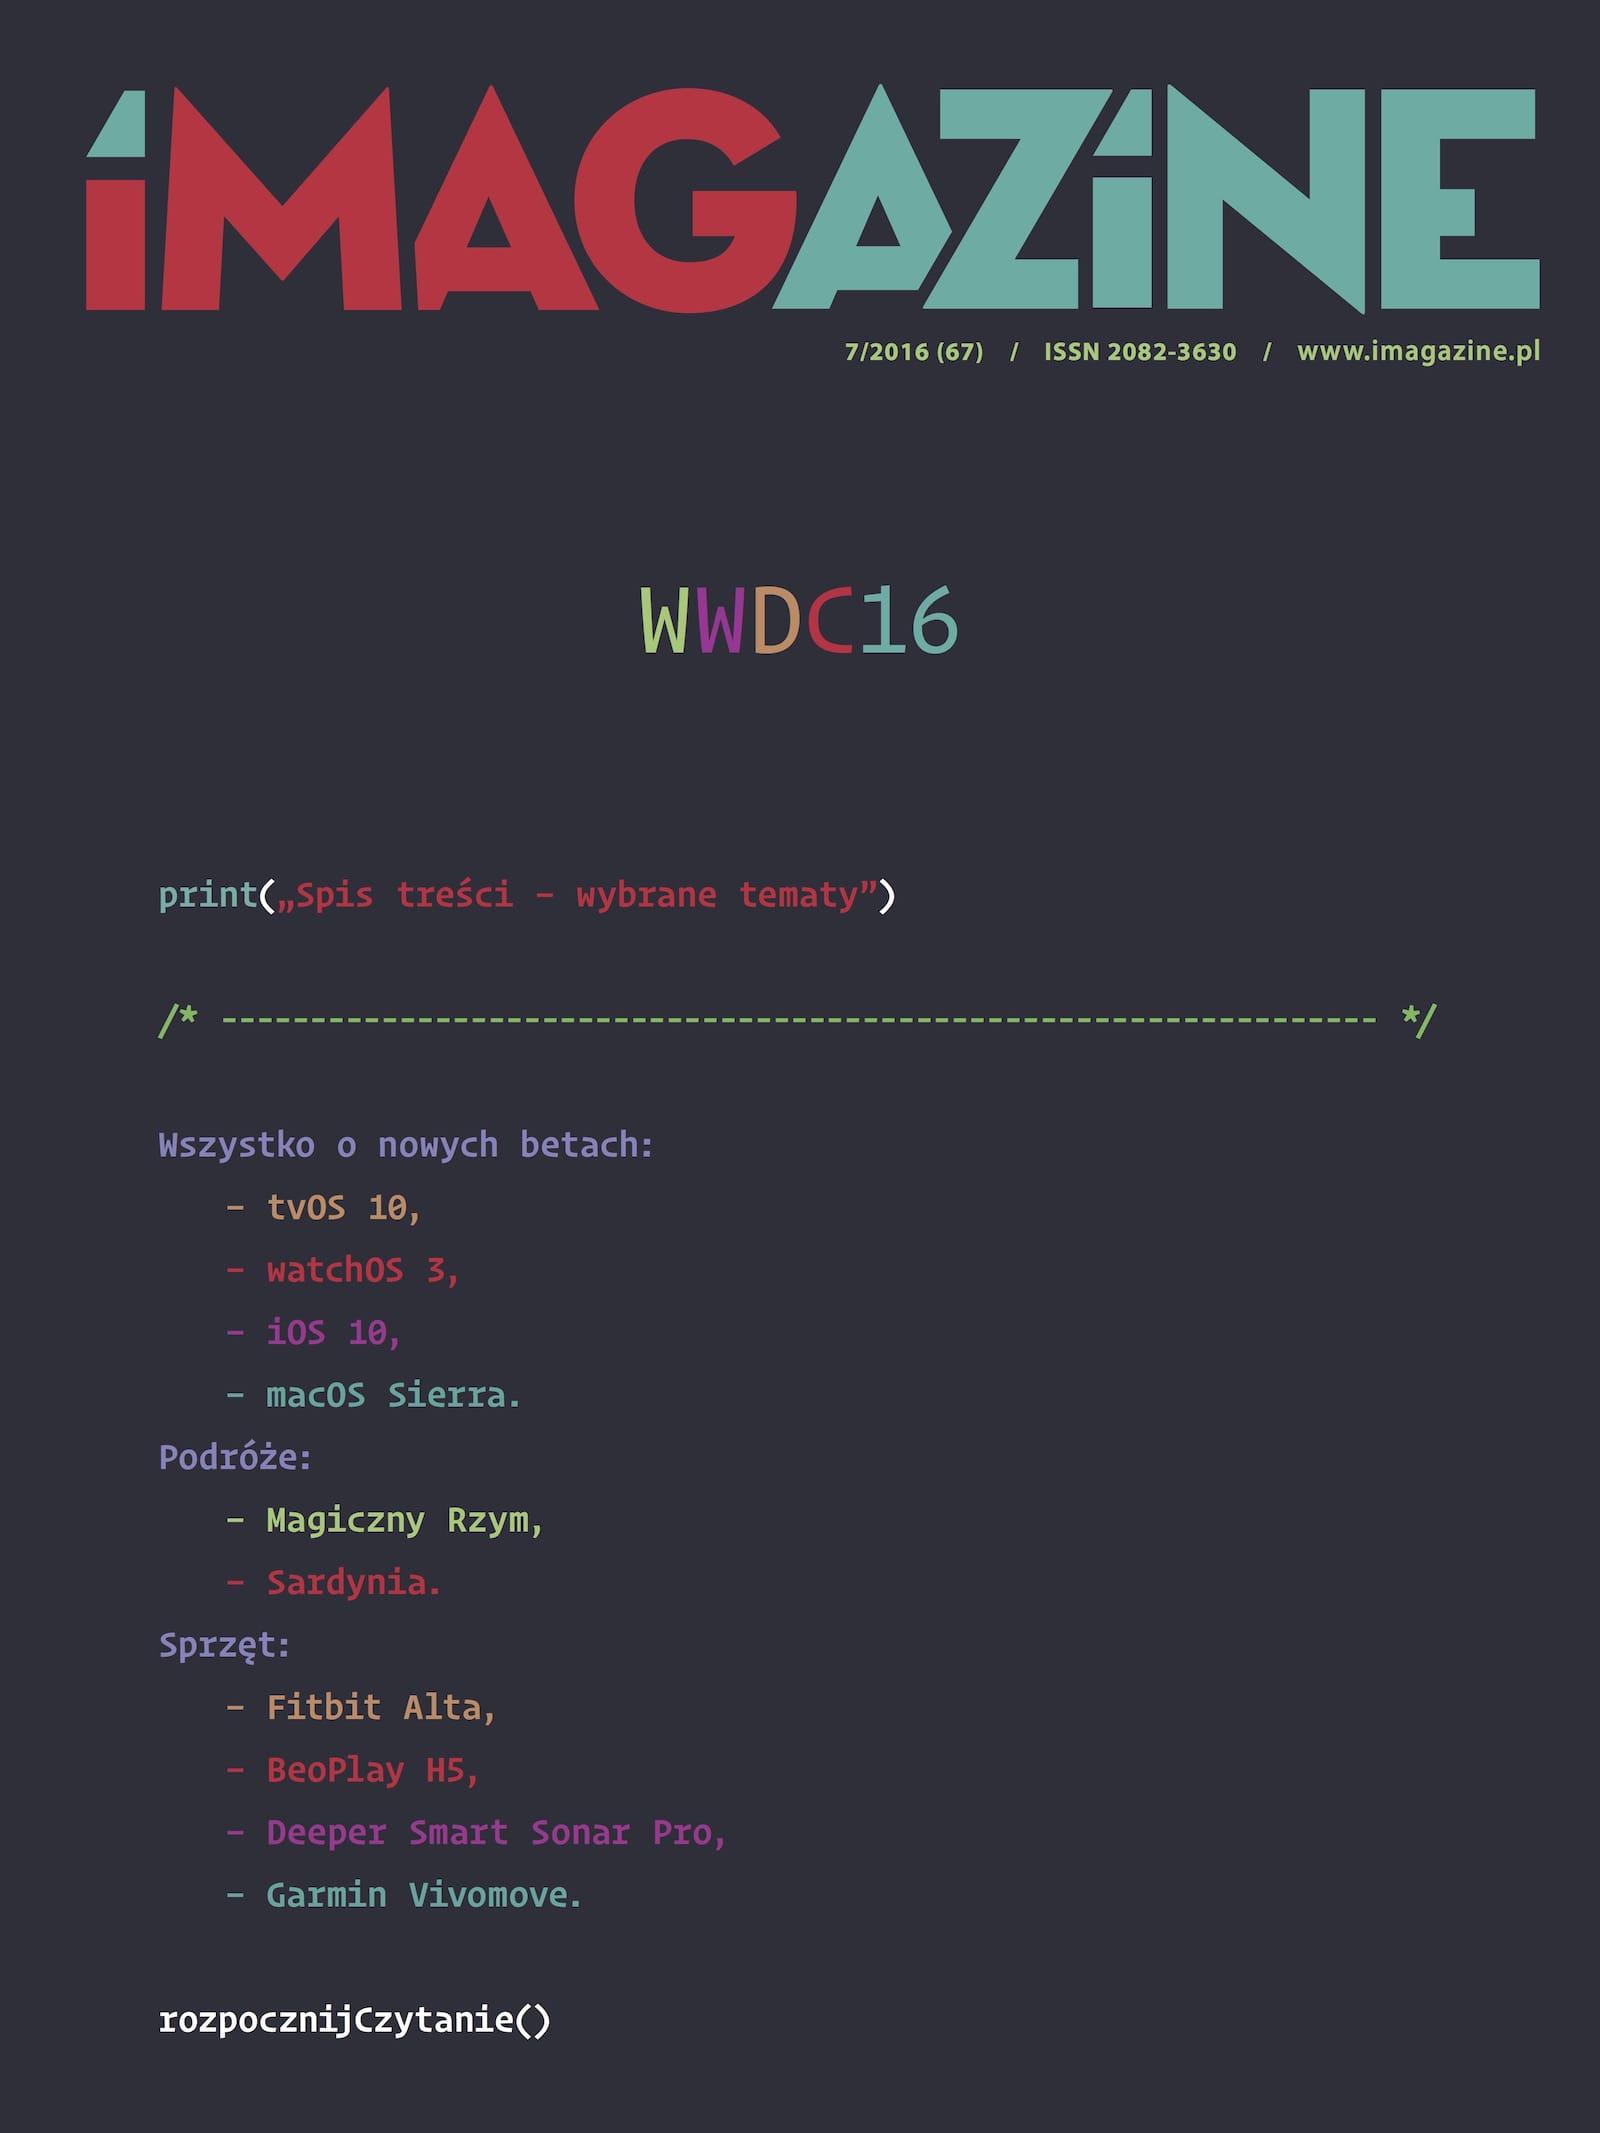 IMagazine 7/2016 - WWDC 2016